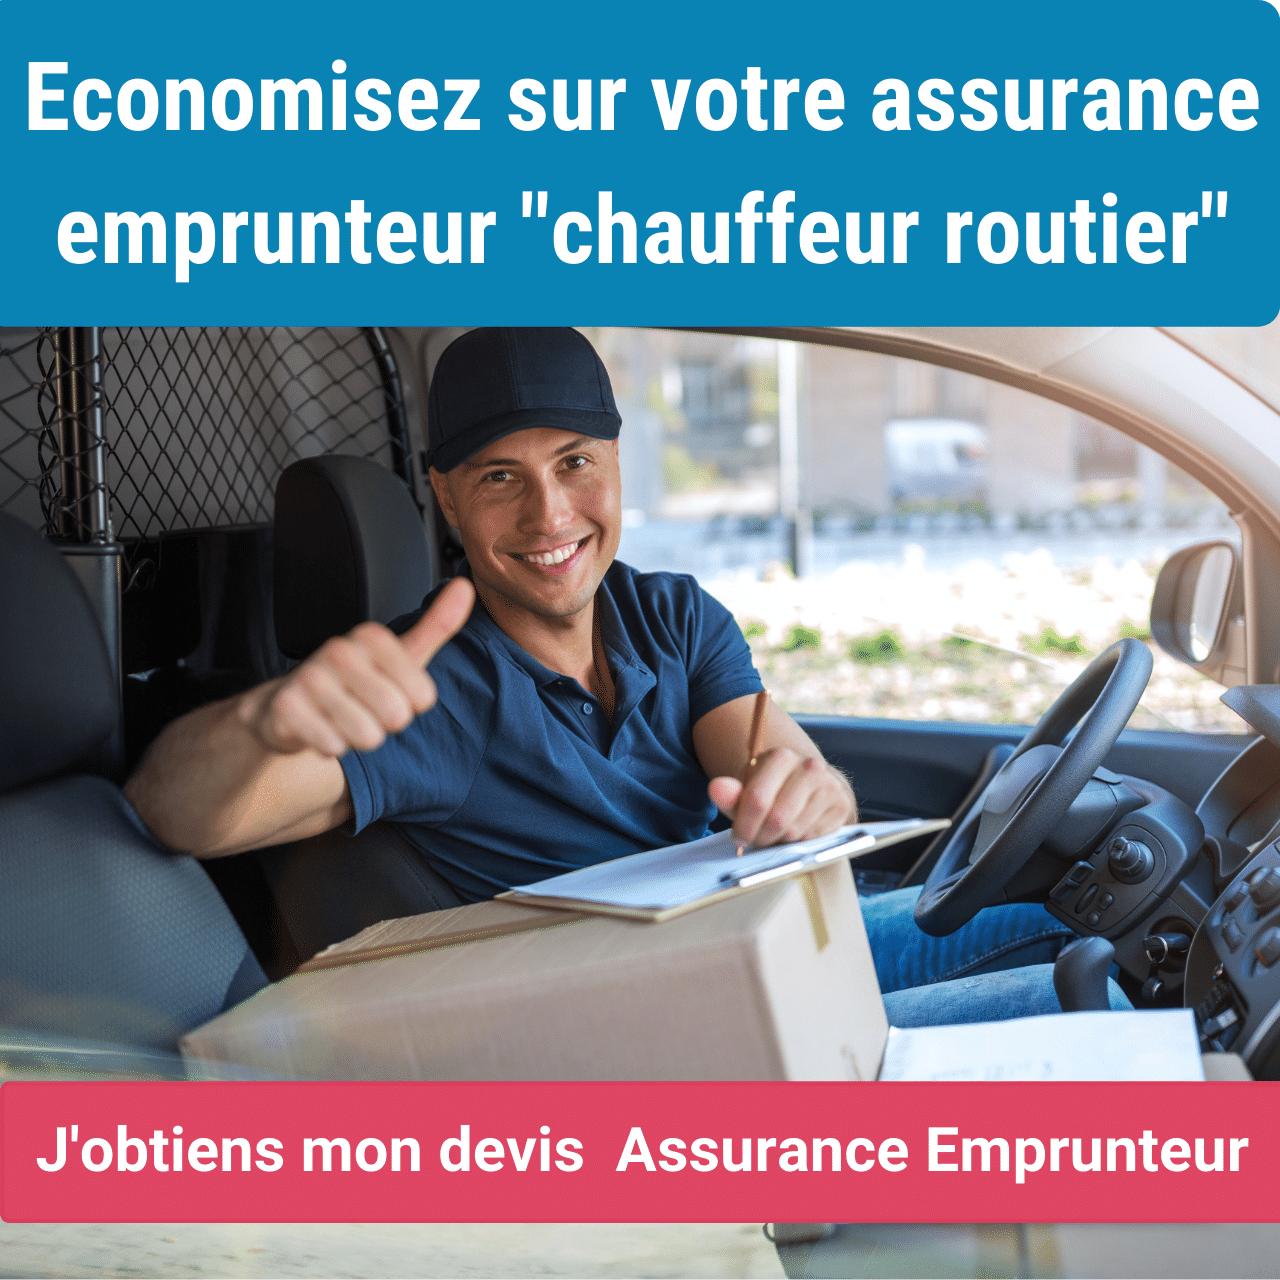 assurance emprunteur chauffeur routier